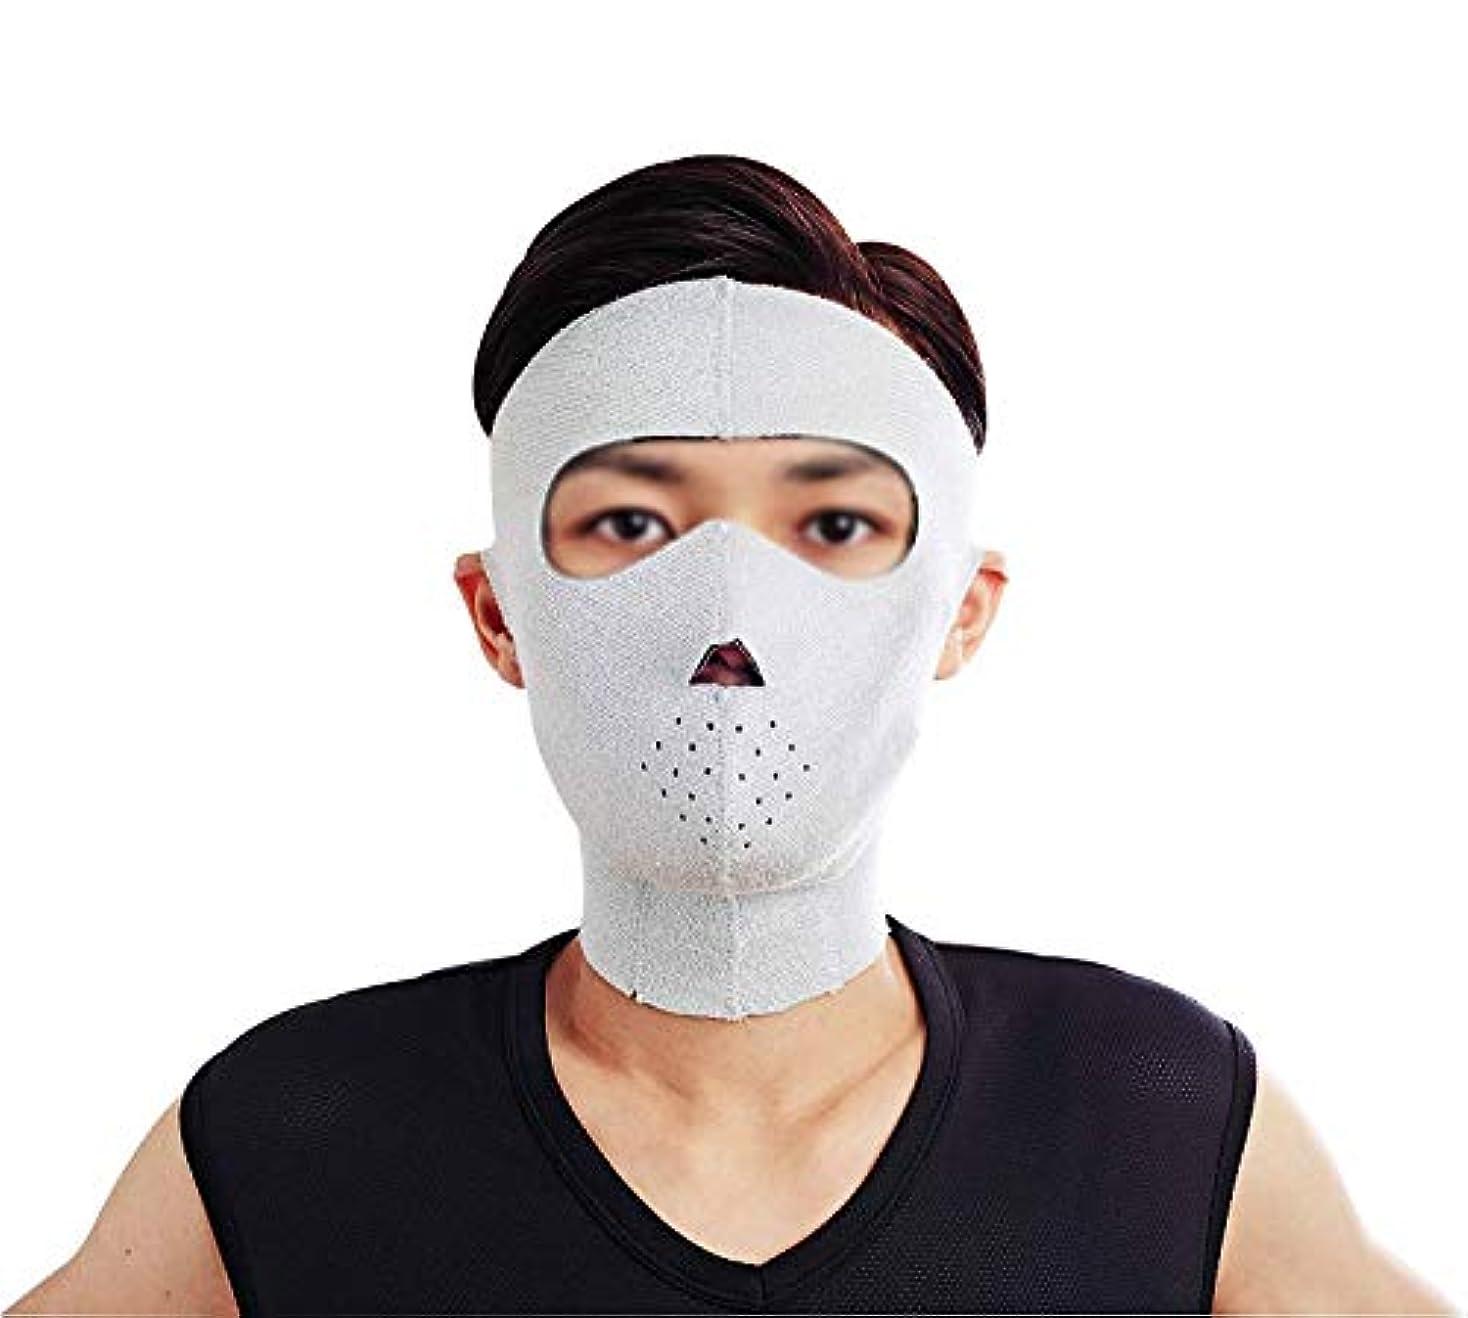 準拠でしなければならないTLMY 薄い顔のマスクのマスクと男性のネックバンドとの垂れ下がり防止の薄い顔のマスクの薄い顔のマスクのアーチファクトの美しさを引き締め 顔用整形マスク